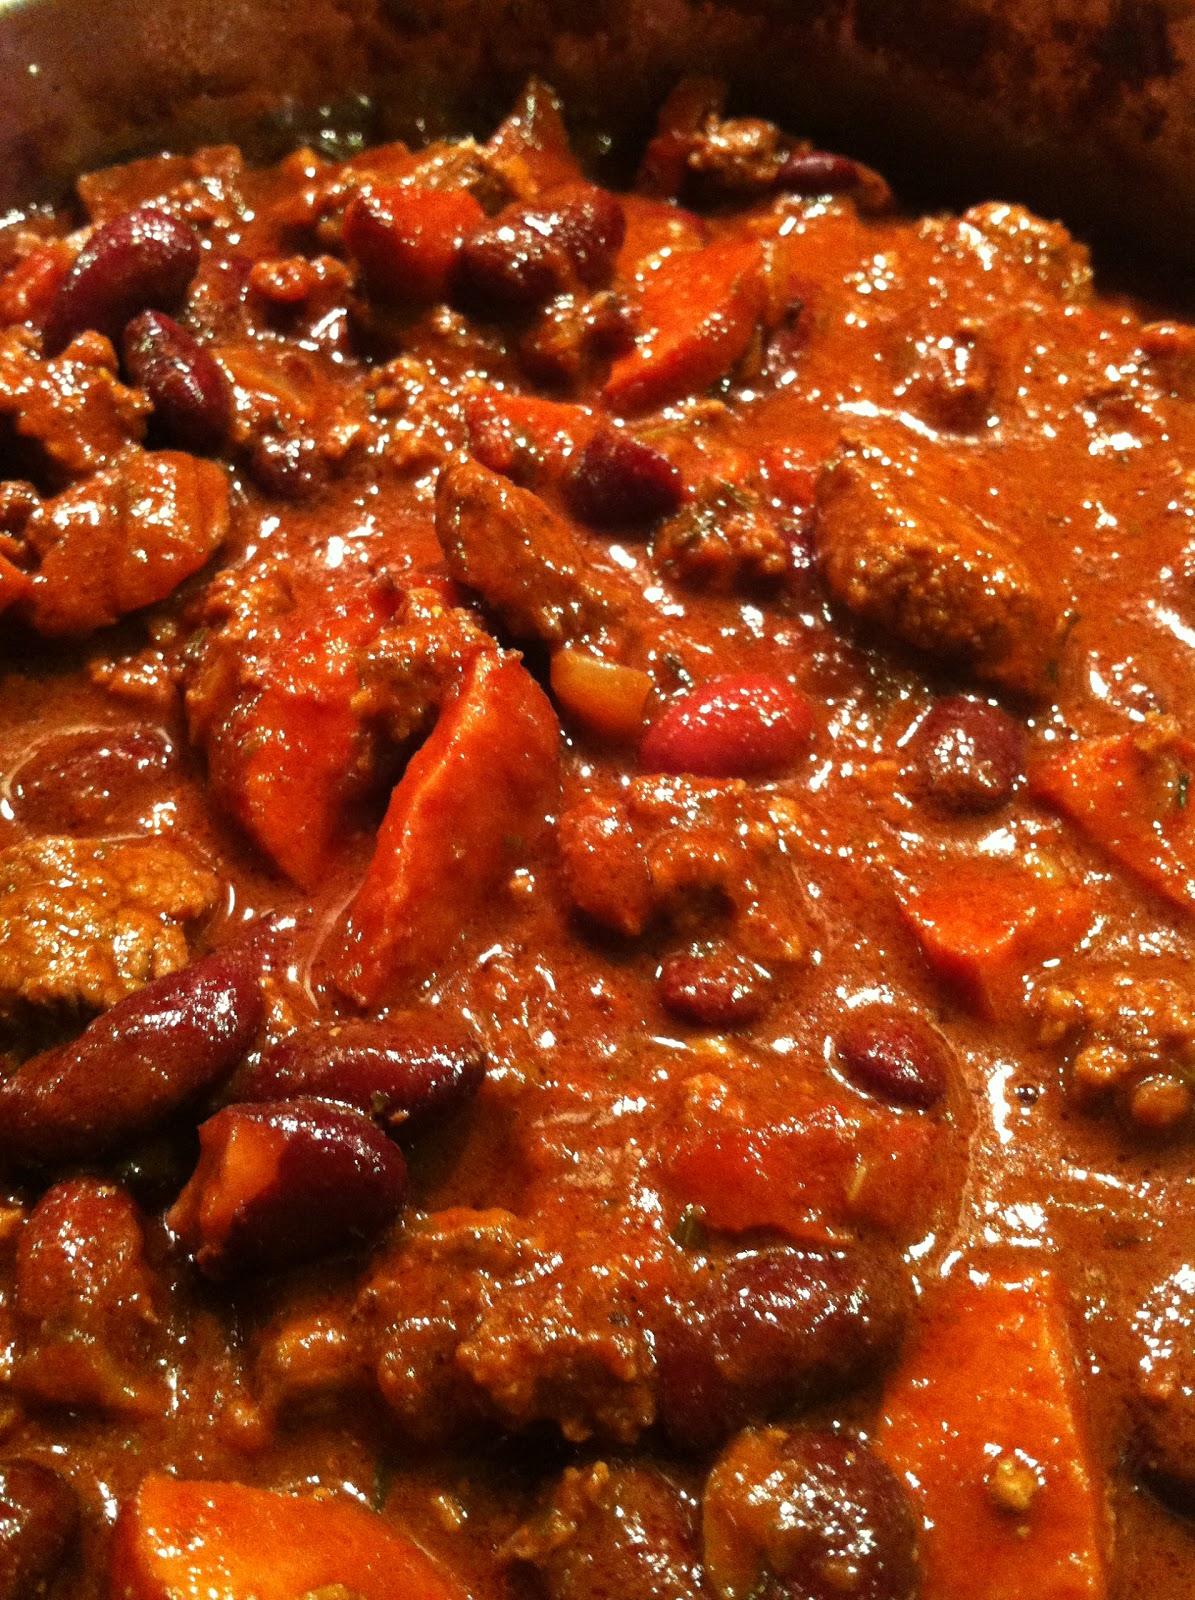 Jessi Kocht Backt Chili Con Carne Mit Schokolade Und Bier